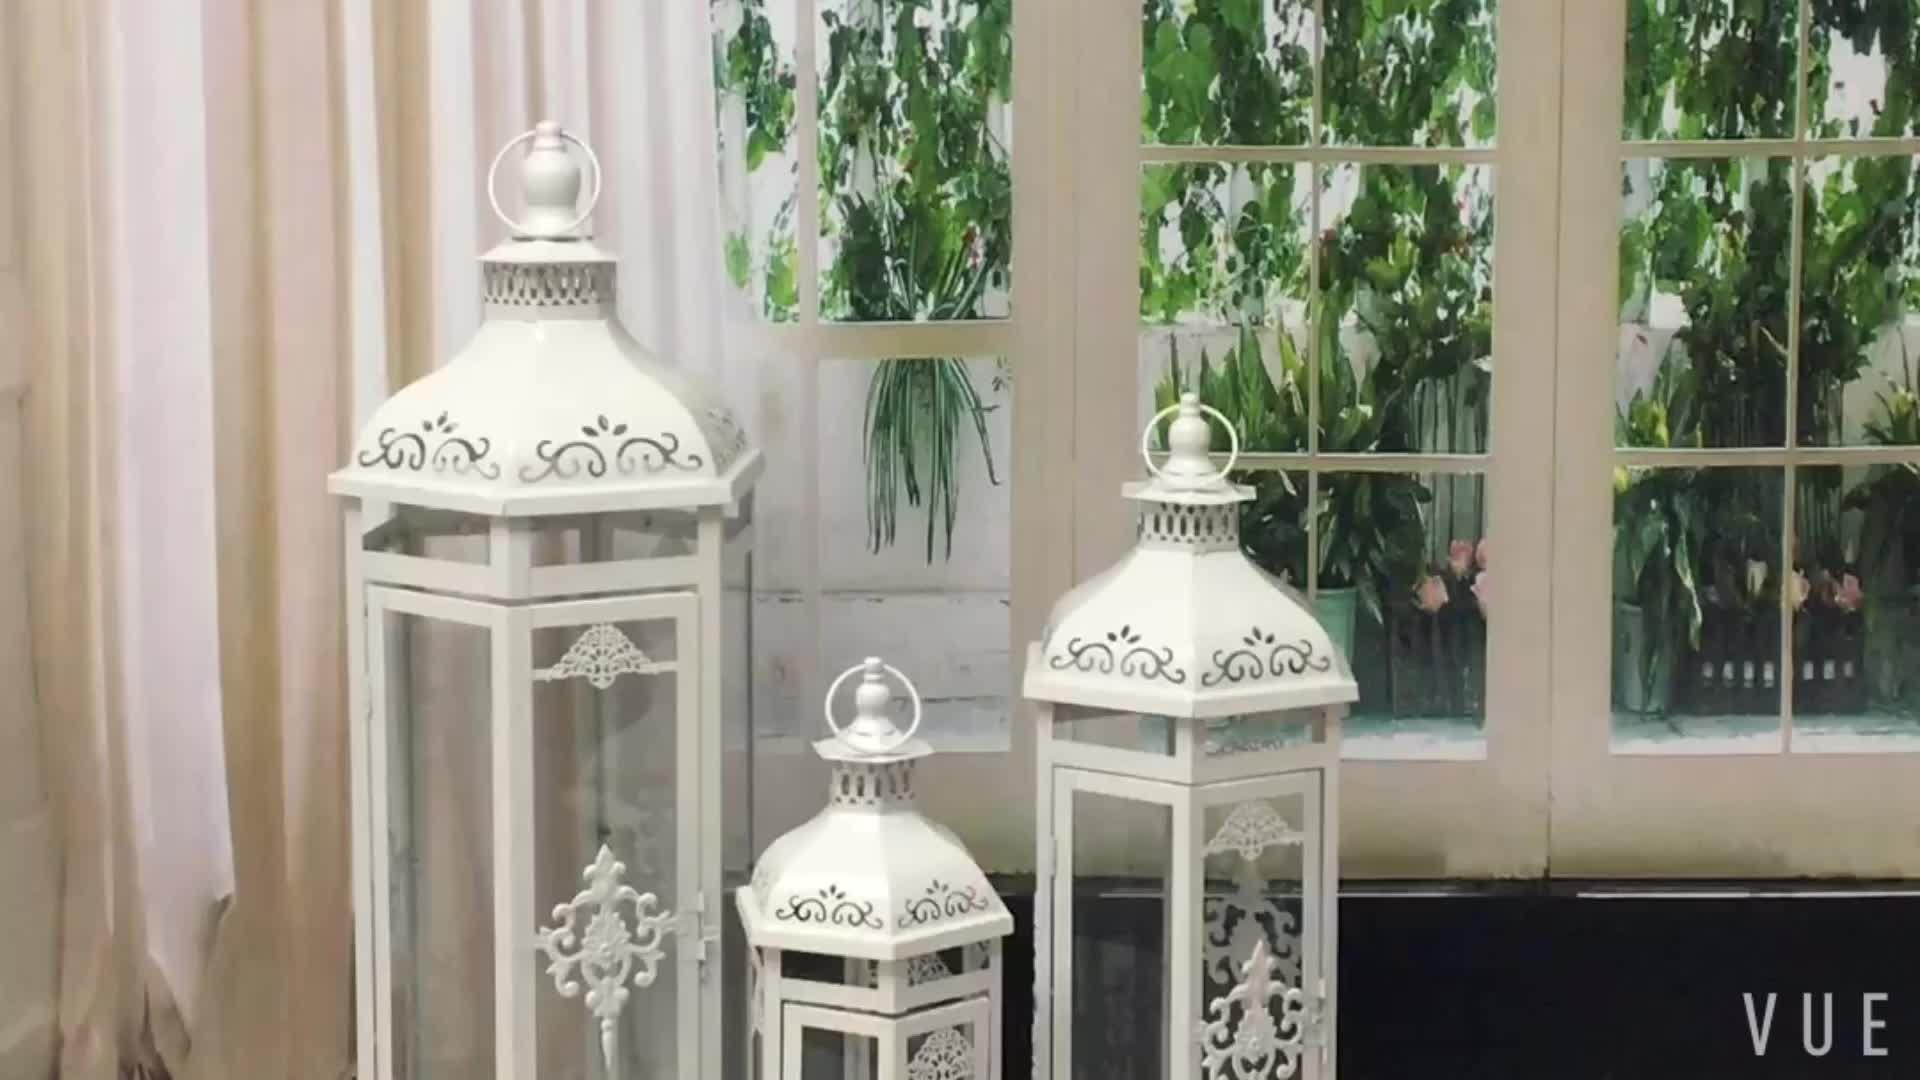 19*16 * H49cm Atacado indoor jardim ao ar livre decorativa do Natal lanterna de vidro para vela